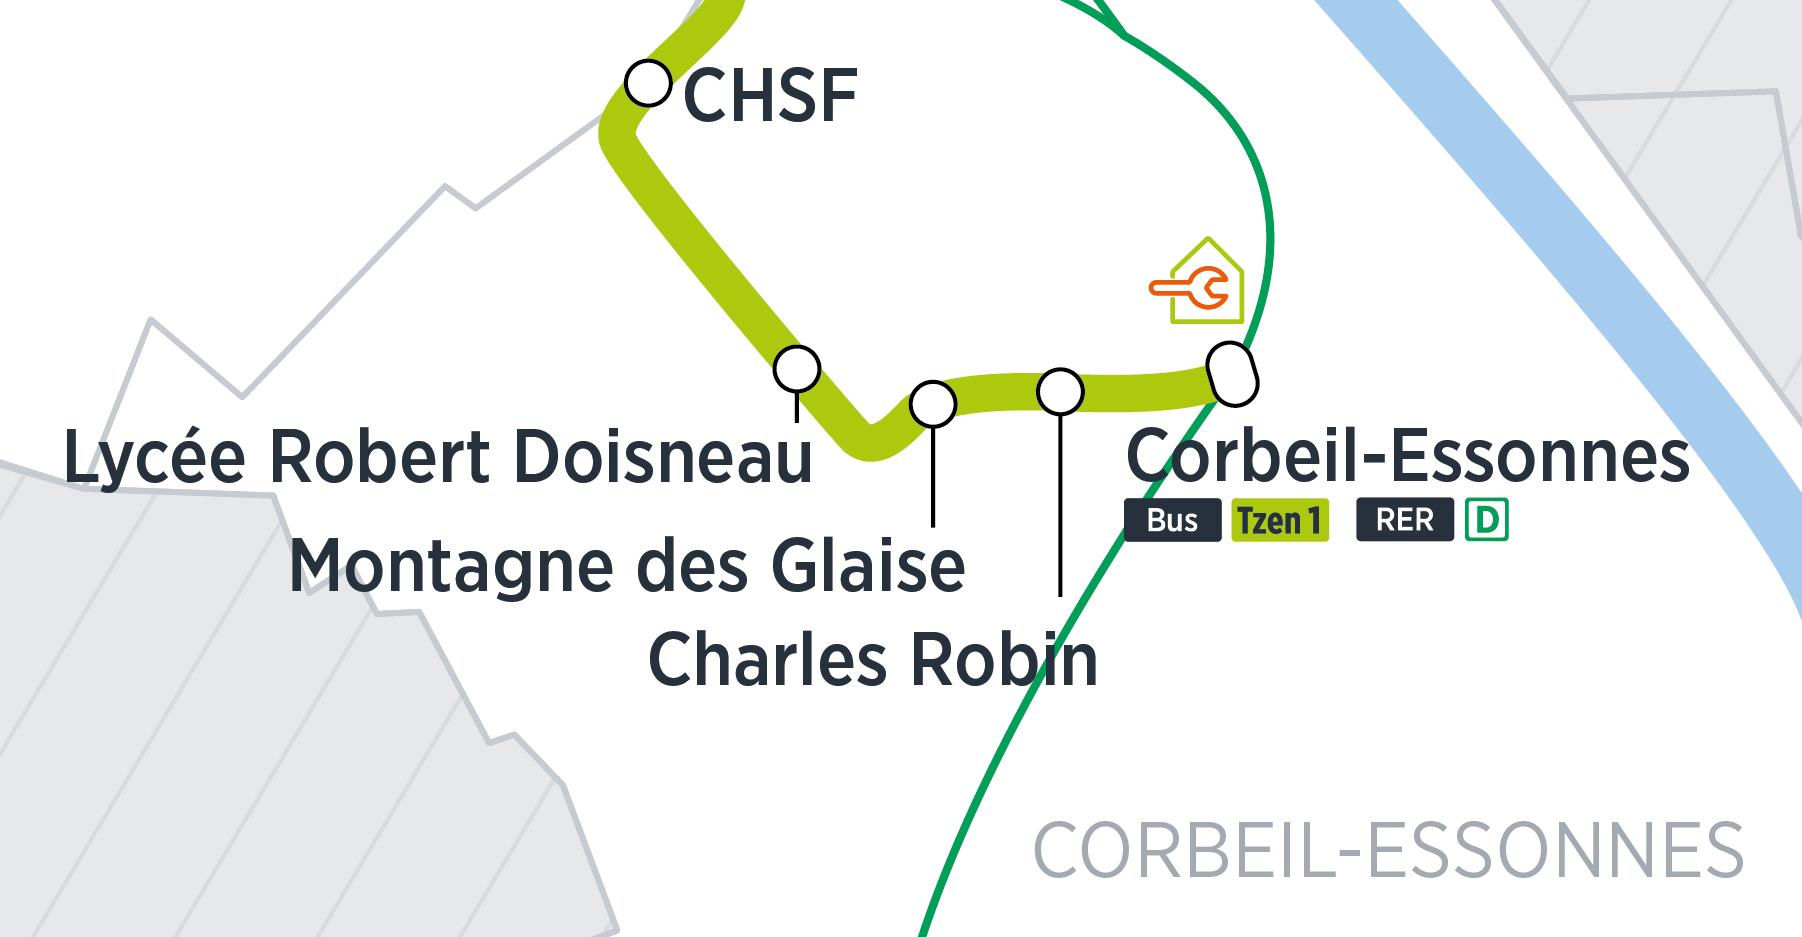 Zoom du tracé sur Corbeil-Essonnes